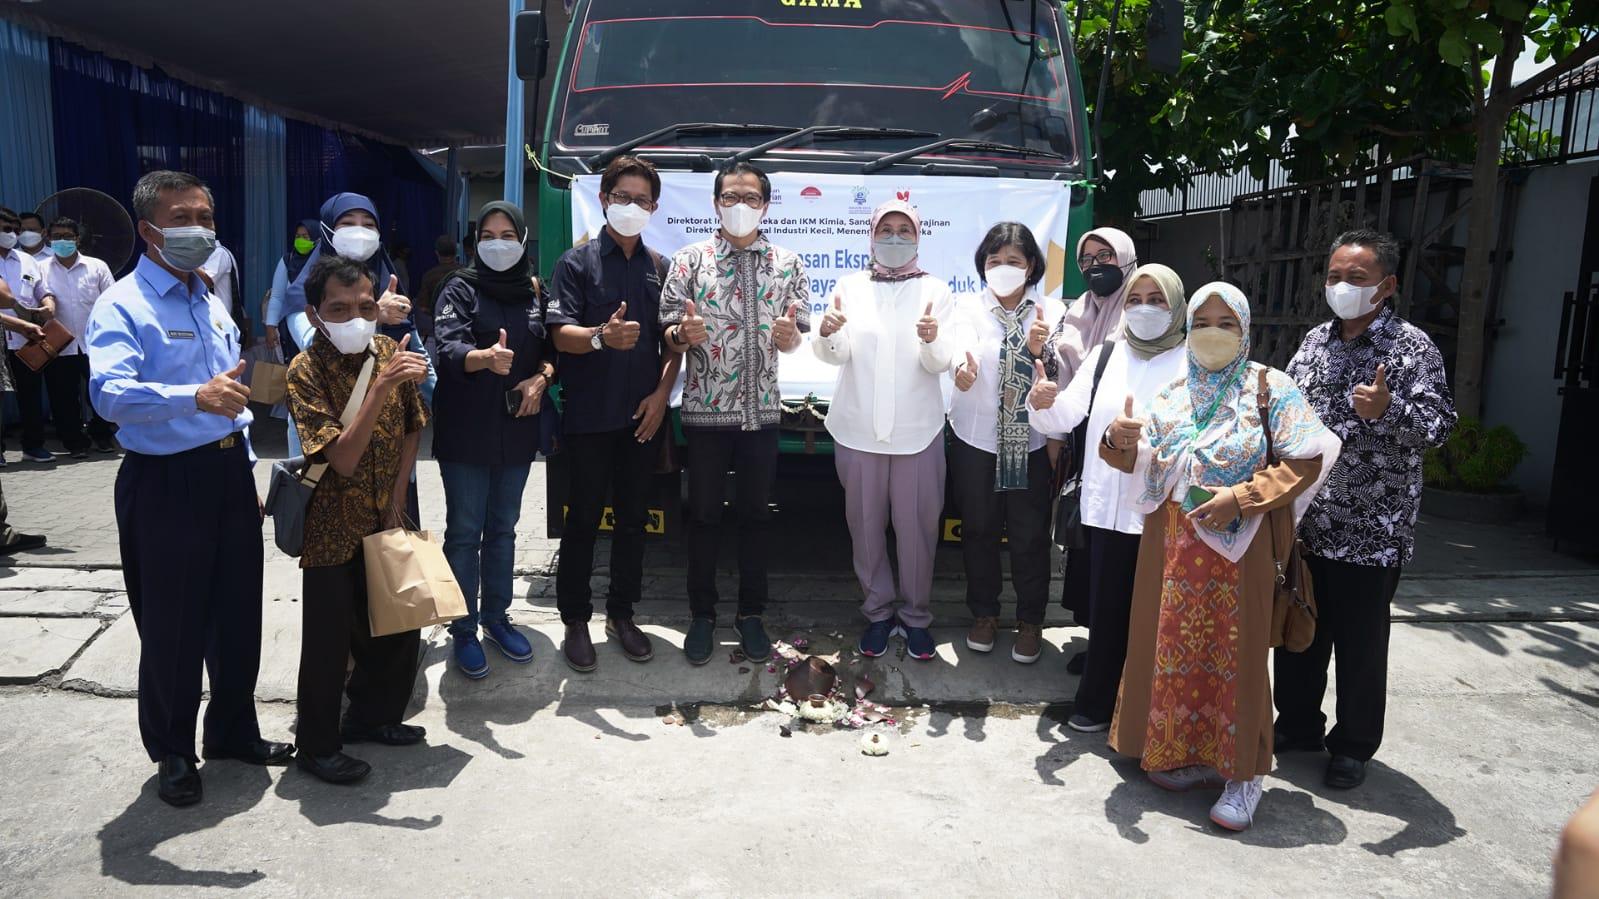 Plt. Dirjen IKMA melakukan kunjungan kerja di Yogyakarta sekaligus menyaksikan secara langsung pelepasan ekspor produk kerajinan dari empat perusahaan di sektor kerajinan khususnya home decor